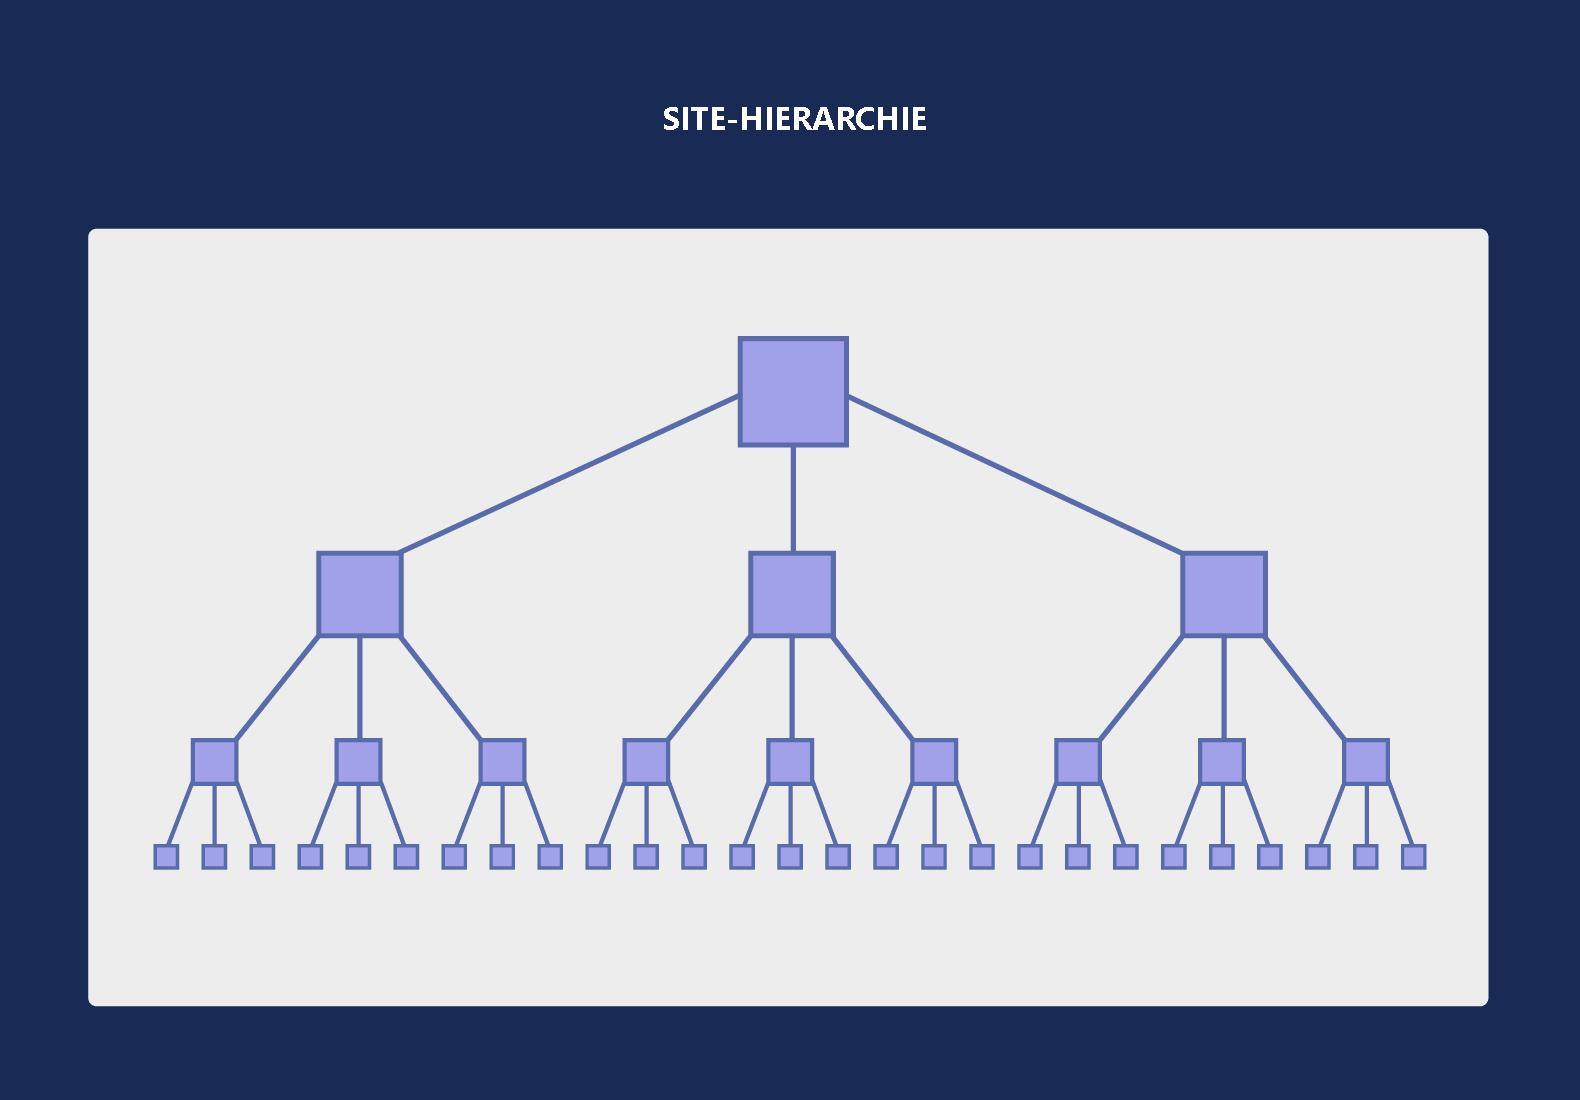 Site-Hierarchie